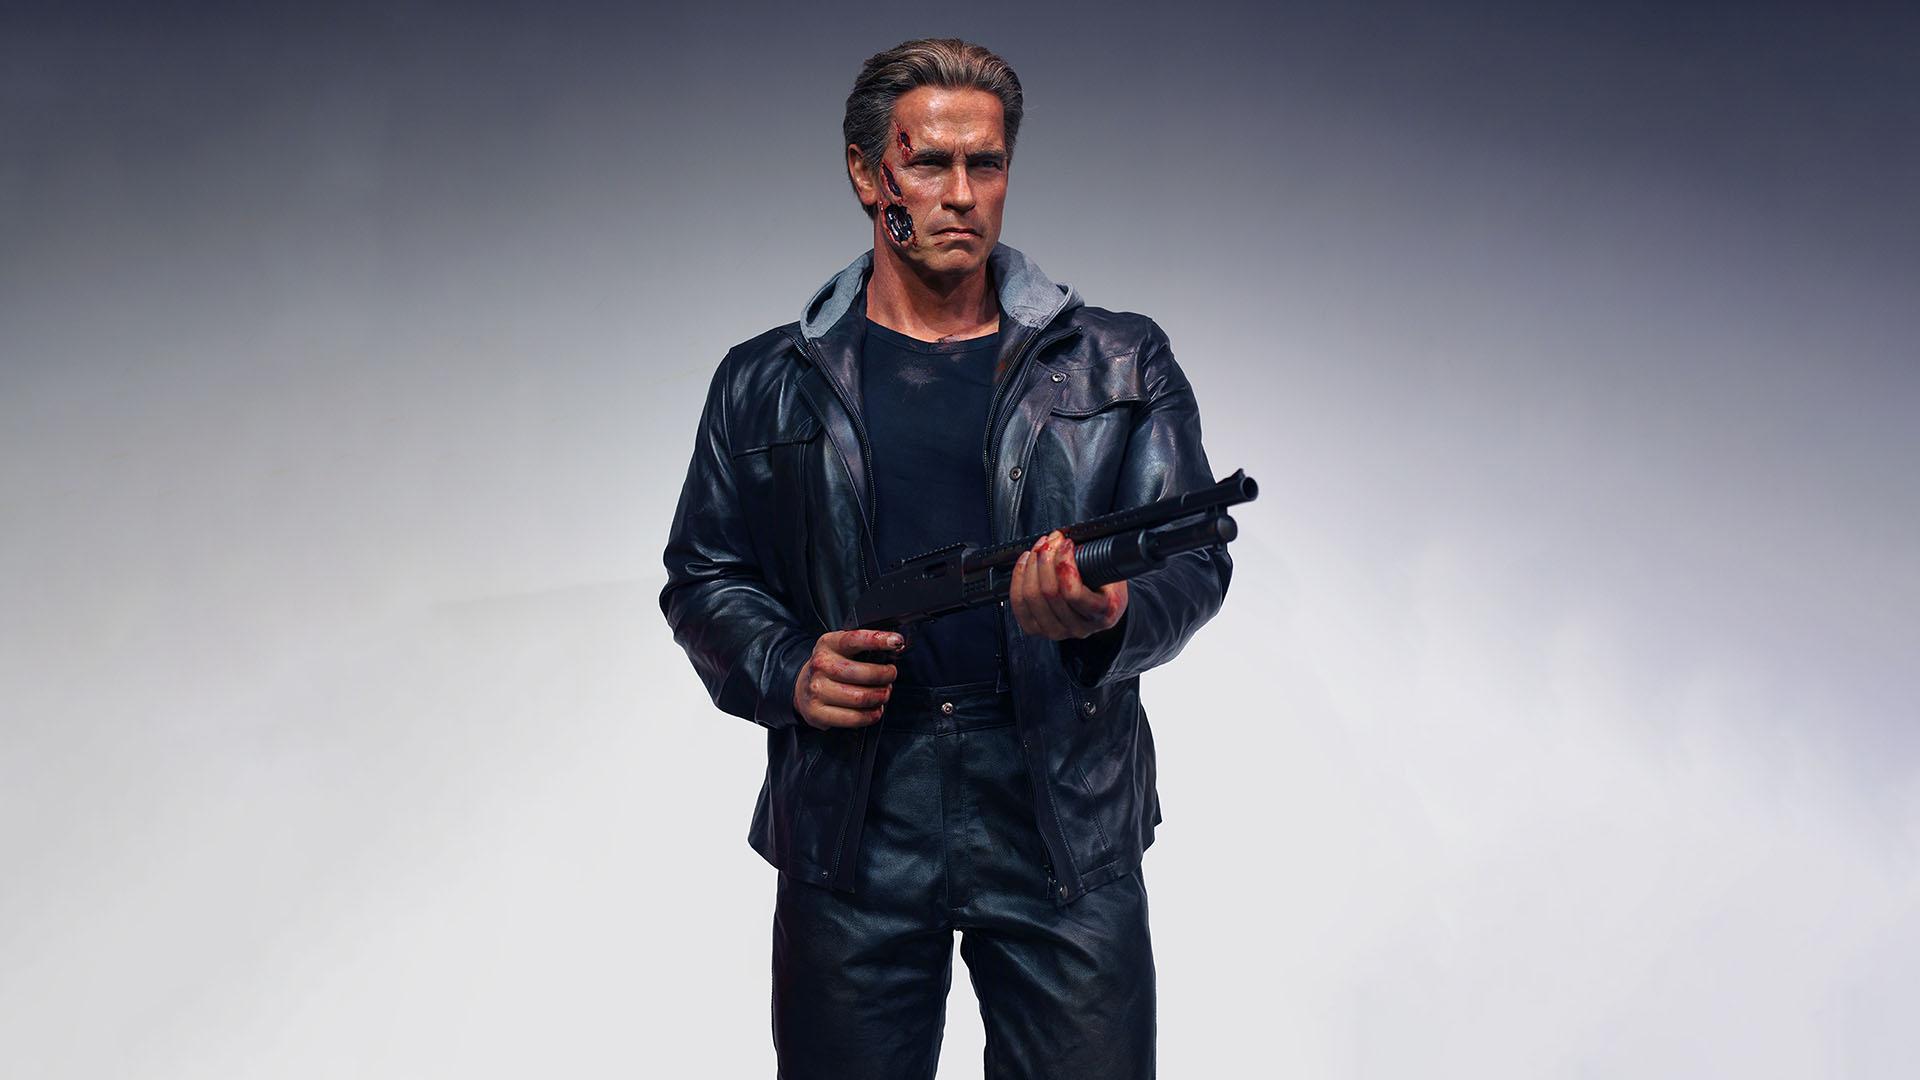 Meilleure taille vie Arnold Schwarzenegger Terminator Figurine de cire